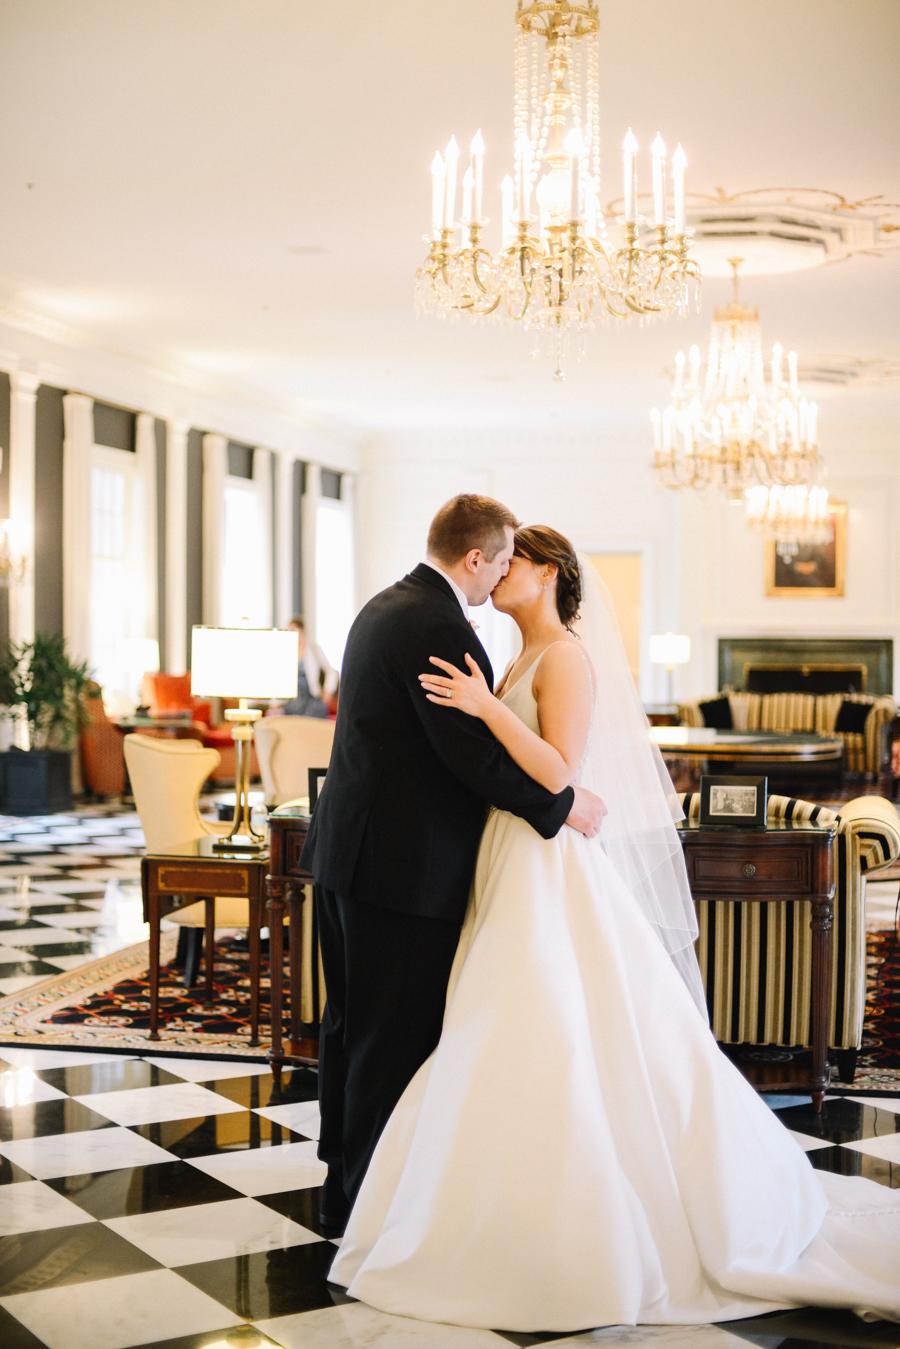 Dearborn_Inn_Wedding_Photos-72.jpg